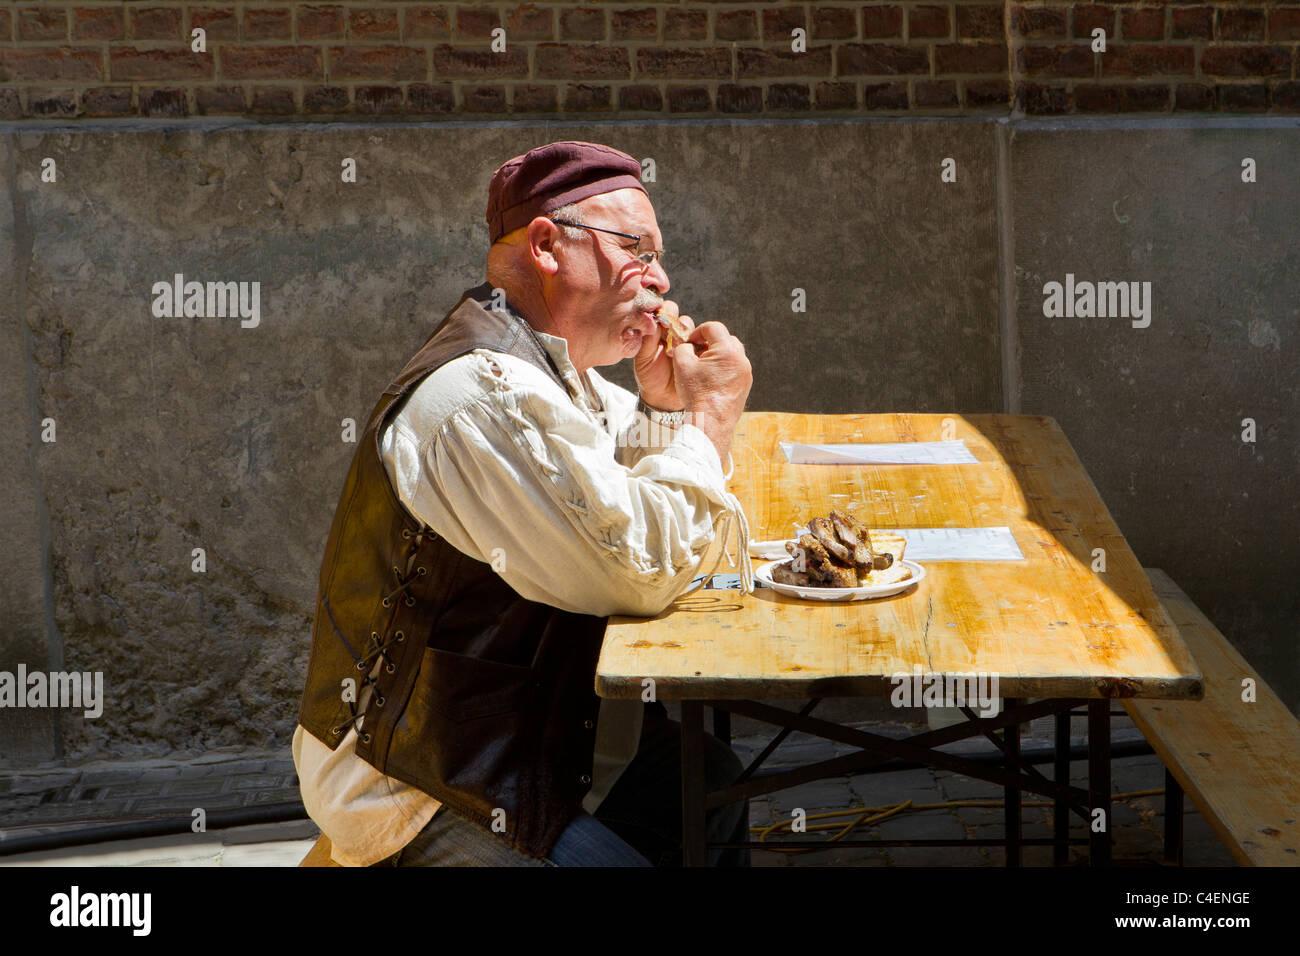 Hombre con traje tradicional de comer costillas de cerdo Imagen De Stock